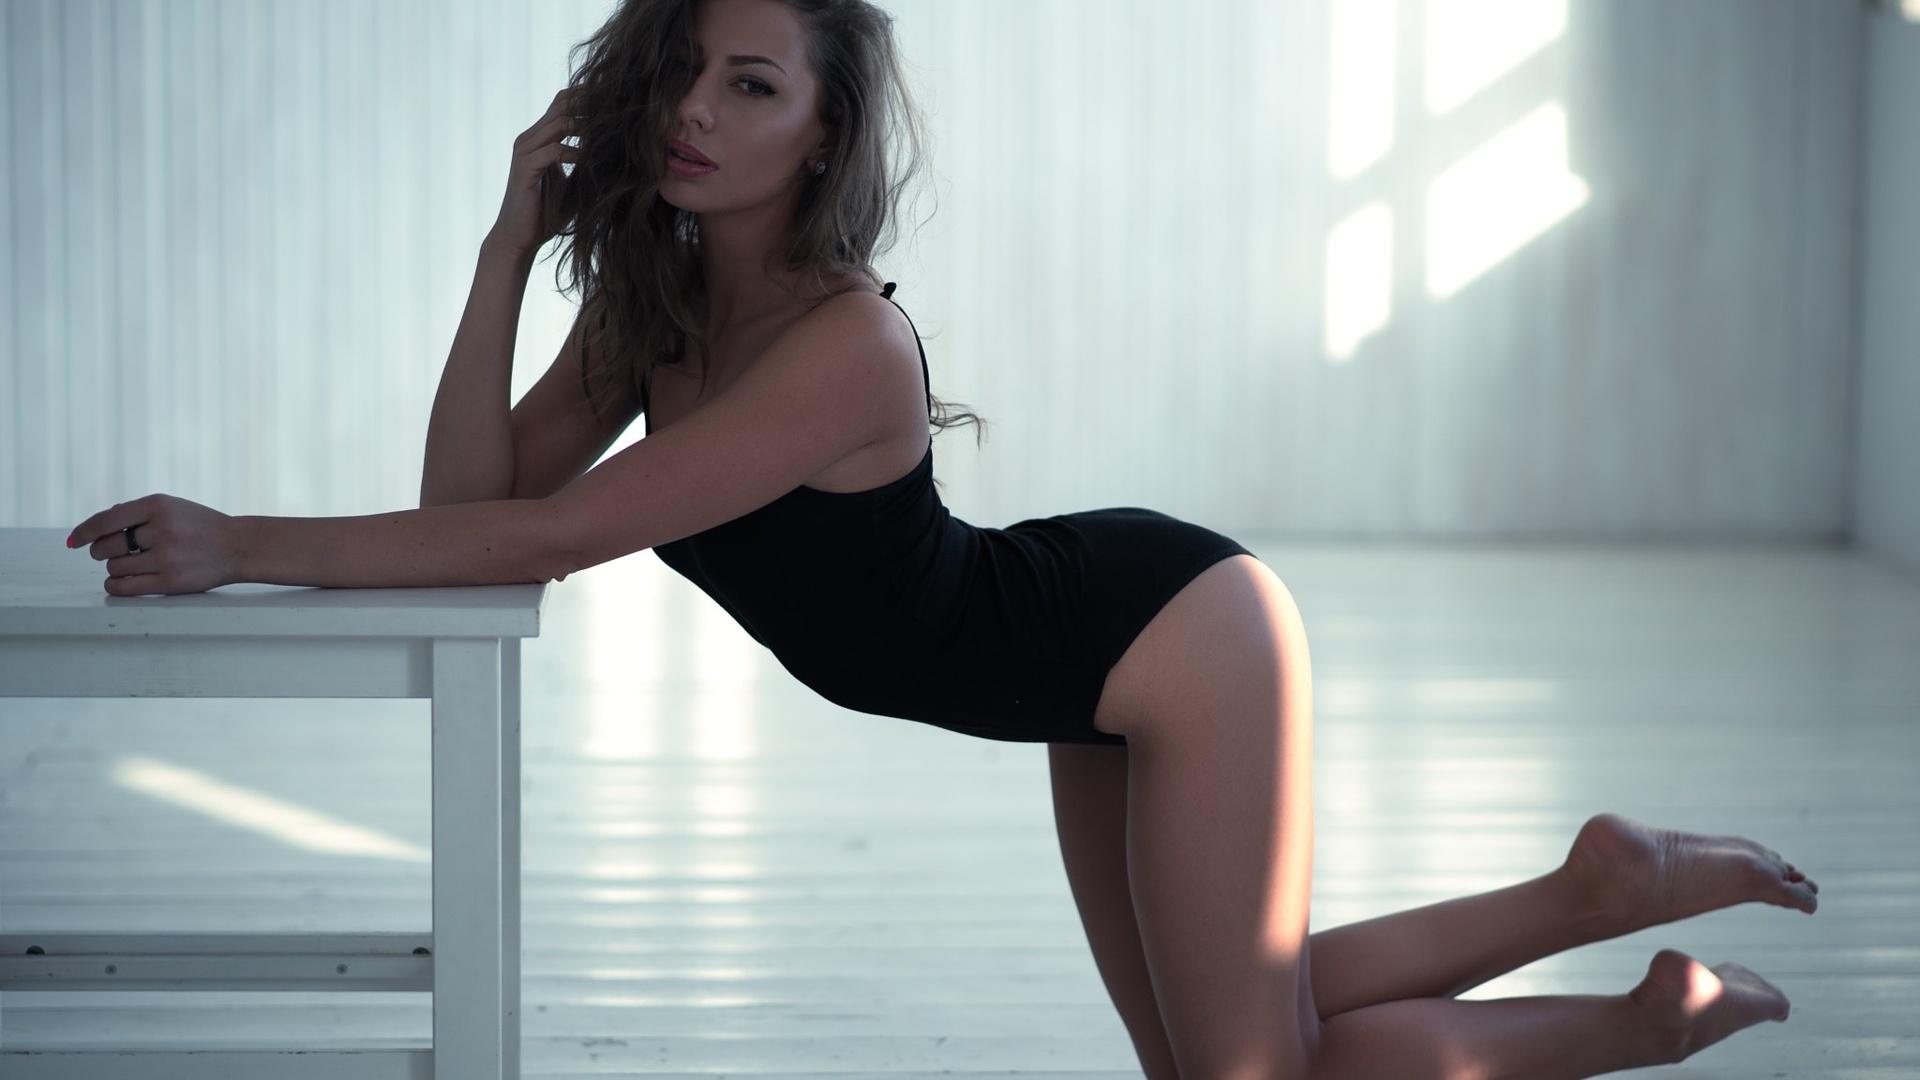 девушки стоя на коленях фото она результате